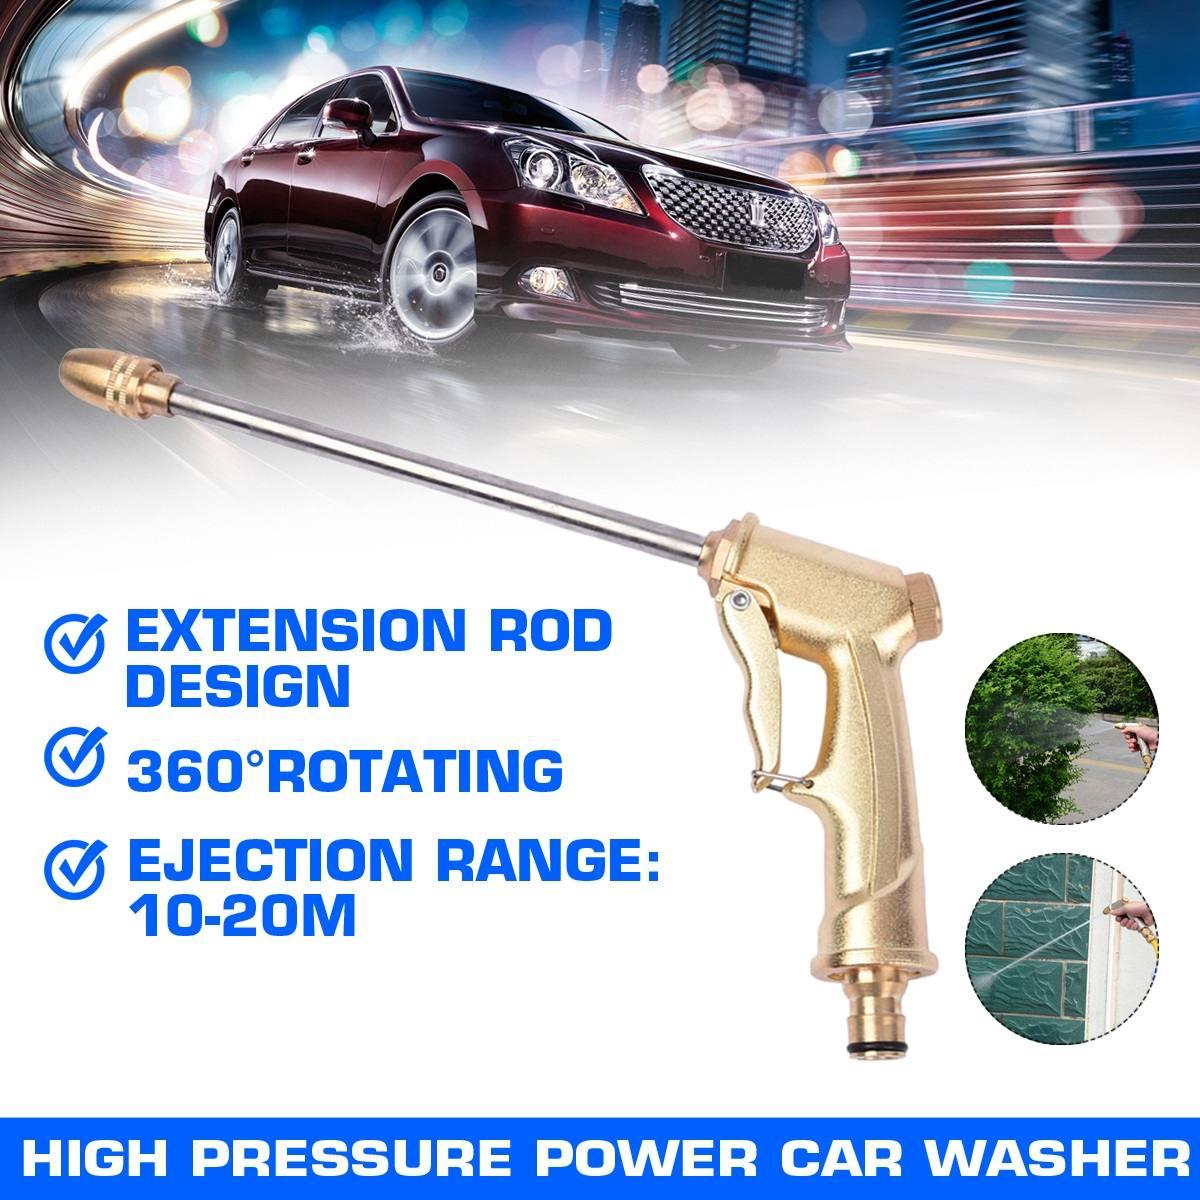 High Pressure Power Car Washer Cleaner Water Garden Guns Wand Nozzle Sprayer Watering Spray Sprinkler